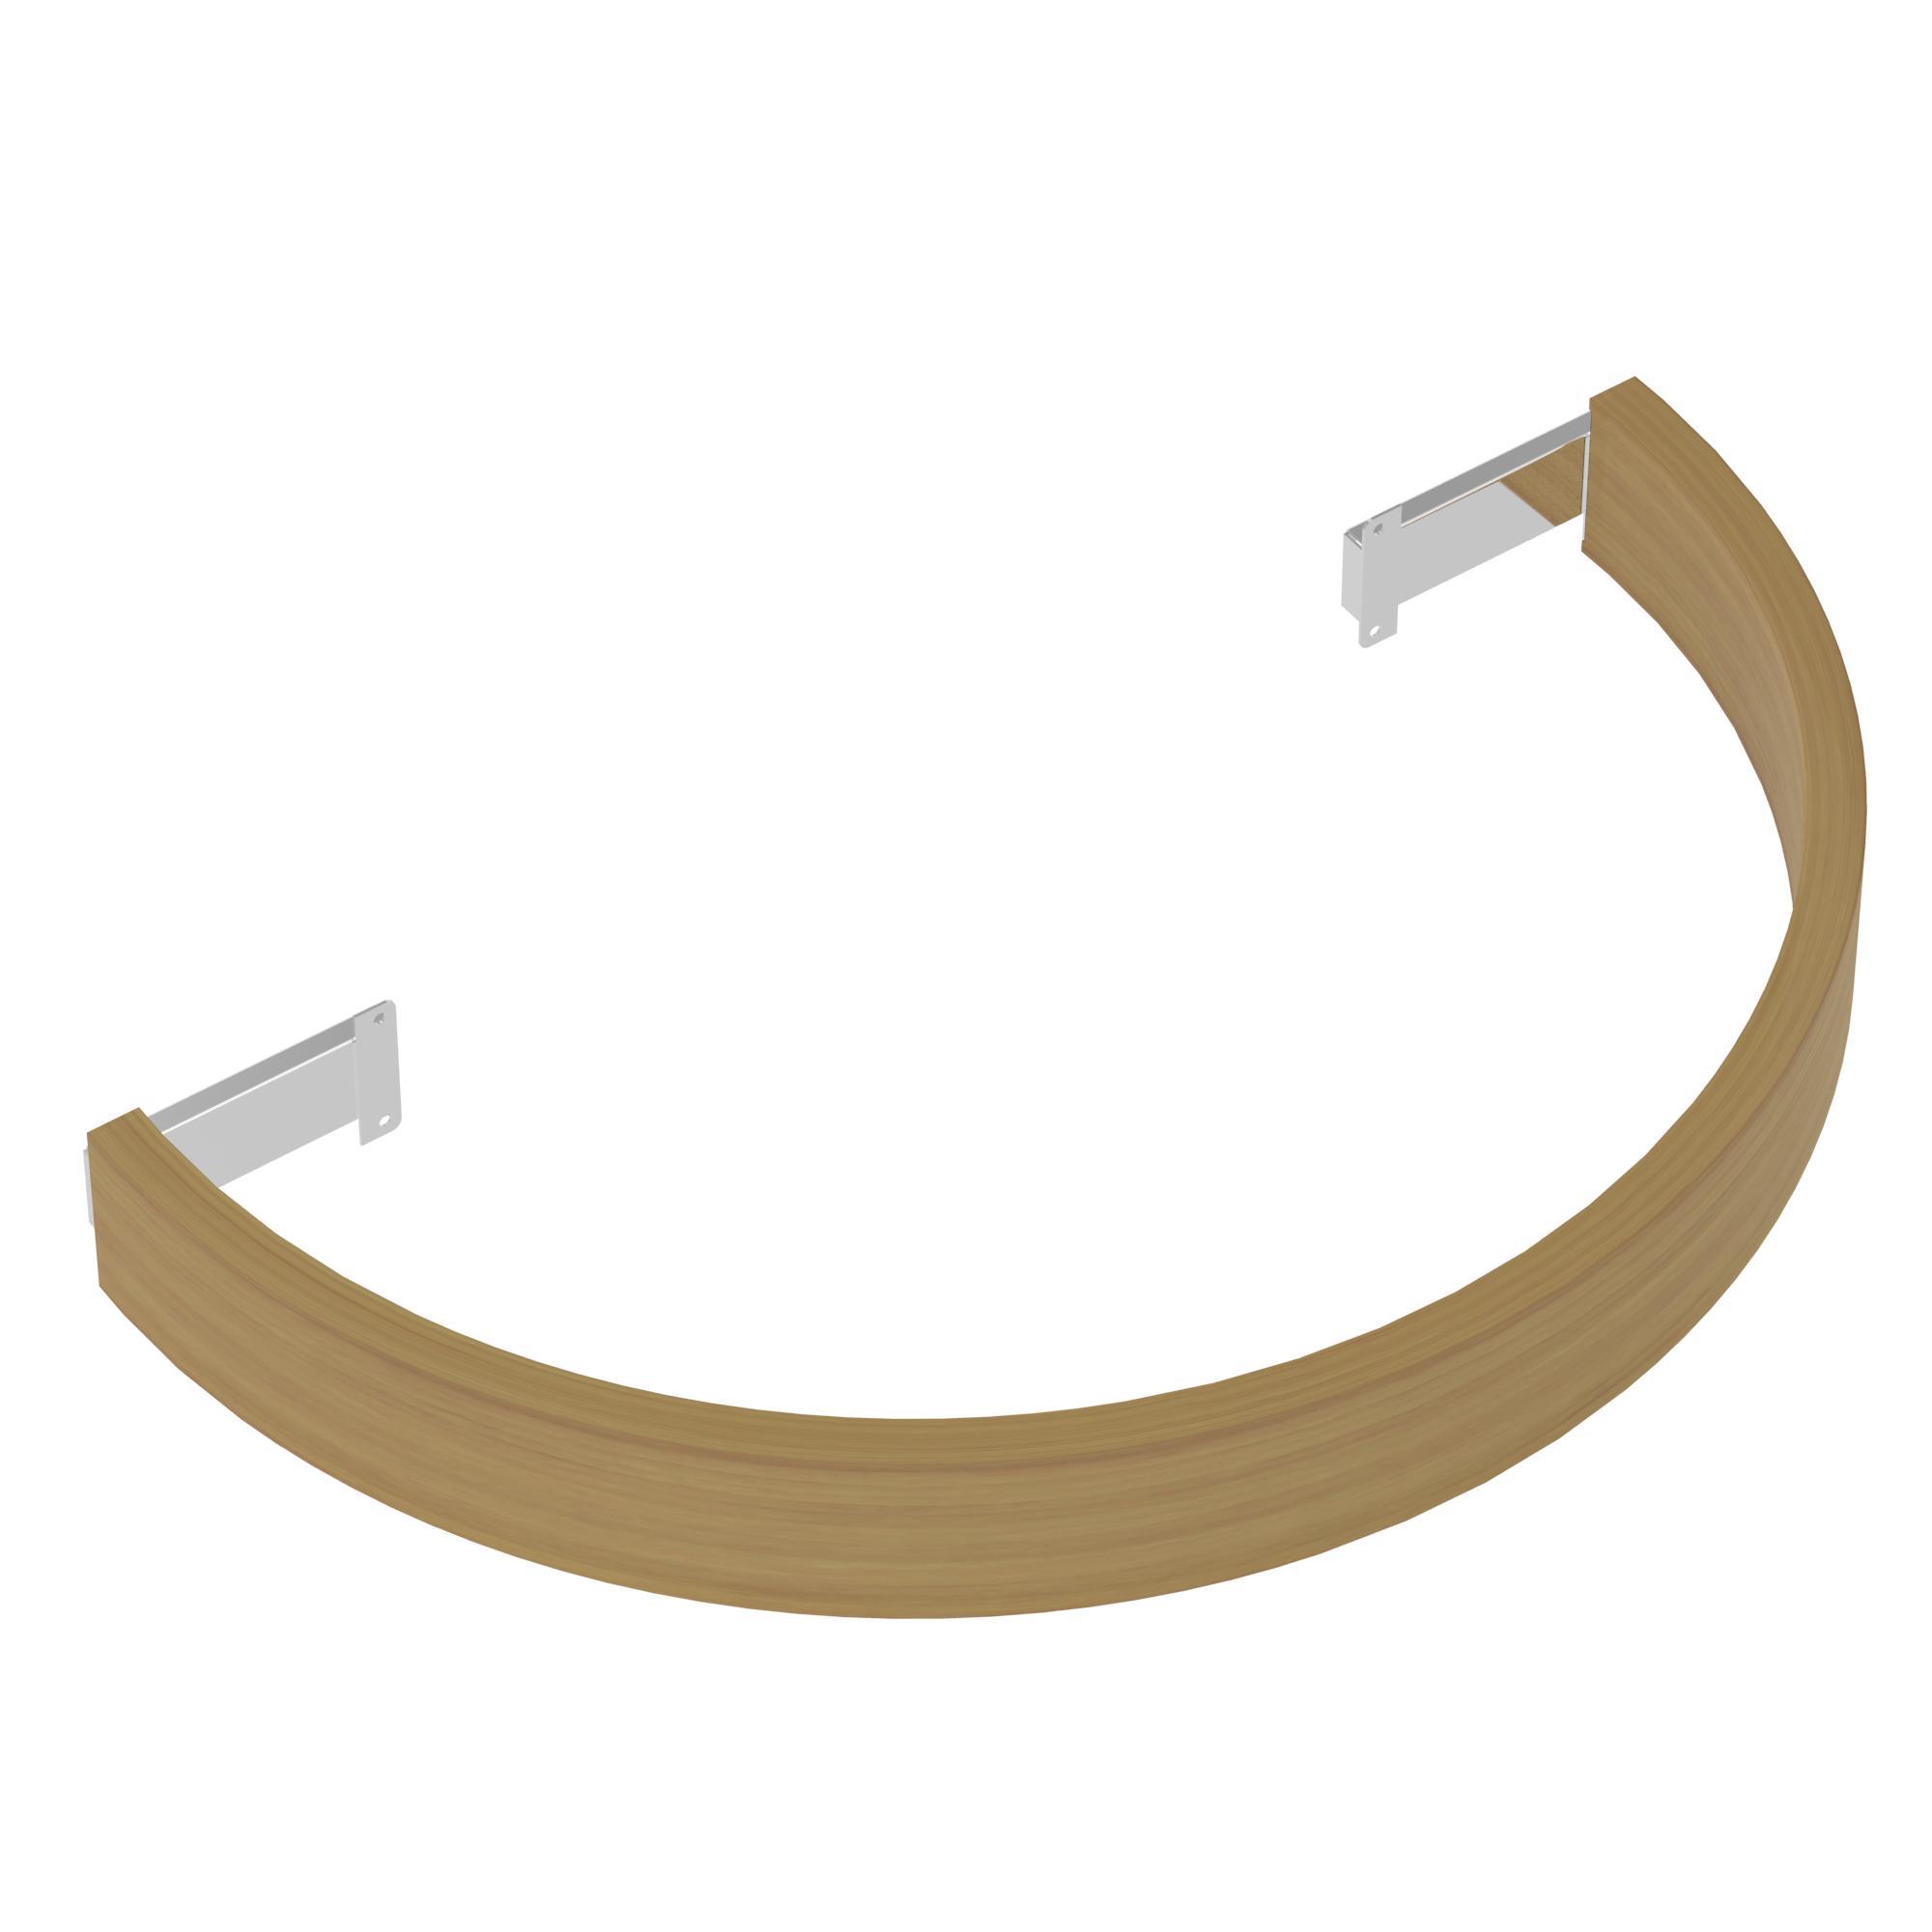 Ограждения и коврики: Деревянное ограждение SAWO TH-GUARD-W6-WL-D для печи TOWER TH6 (кедр) ограждения и коврики деревянное ограждение sawo th guard w2 cnr d для печи угловой установки tower th2 и th3 кедр